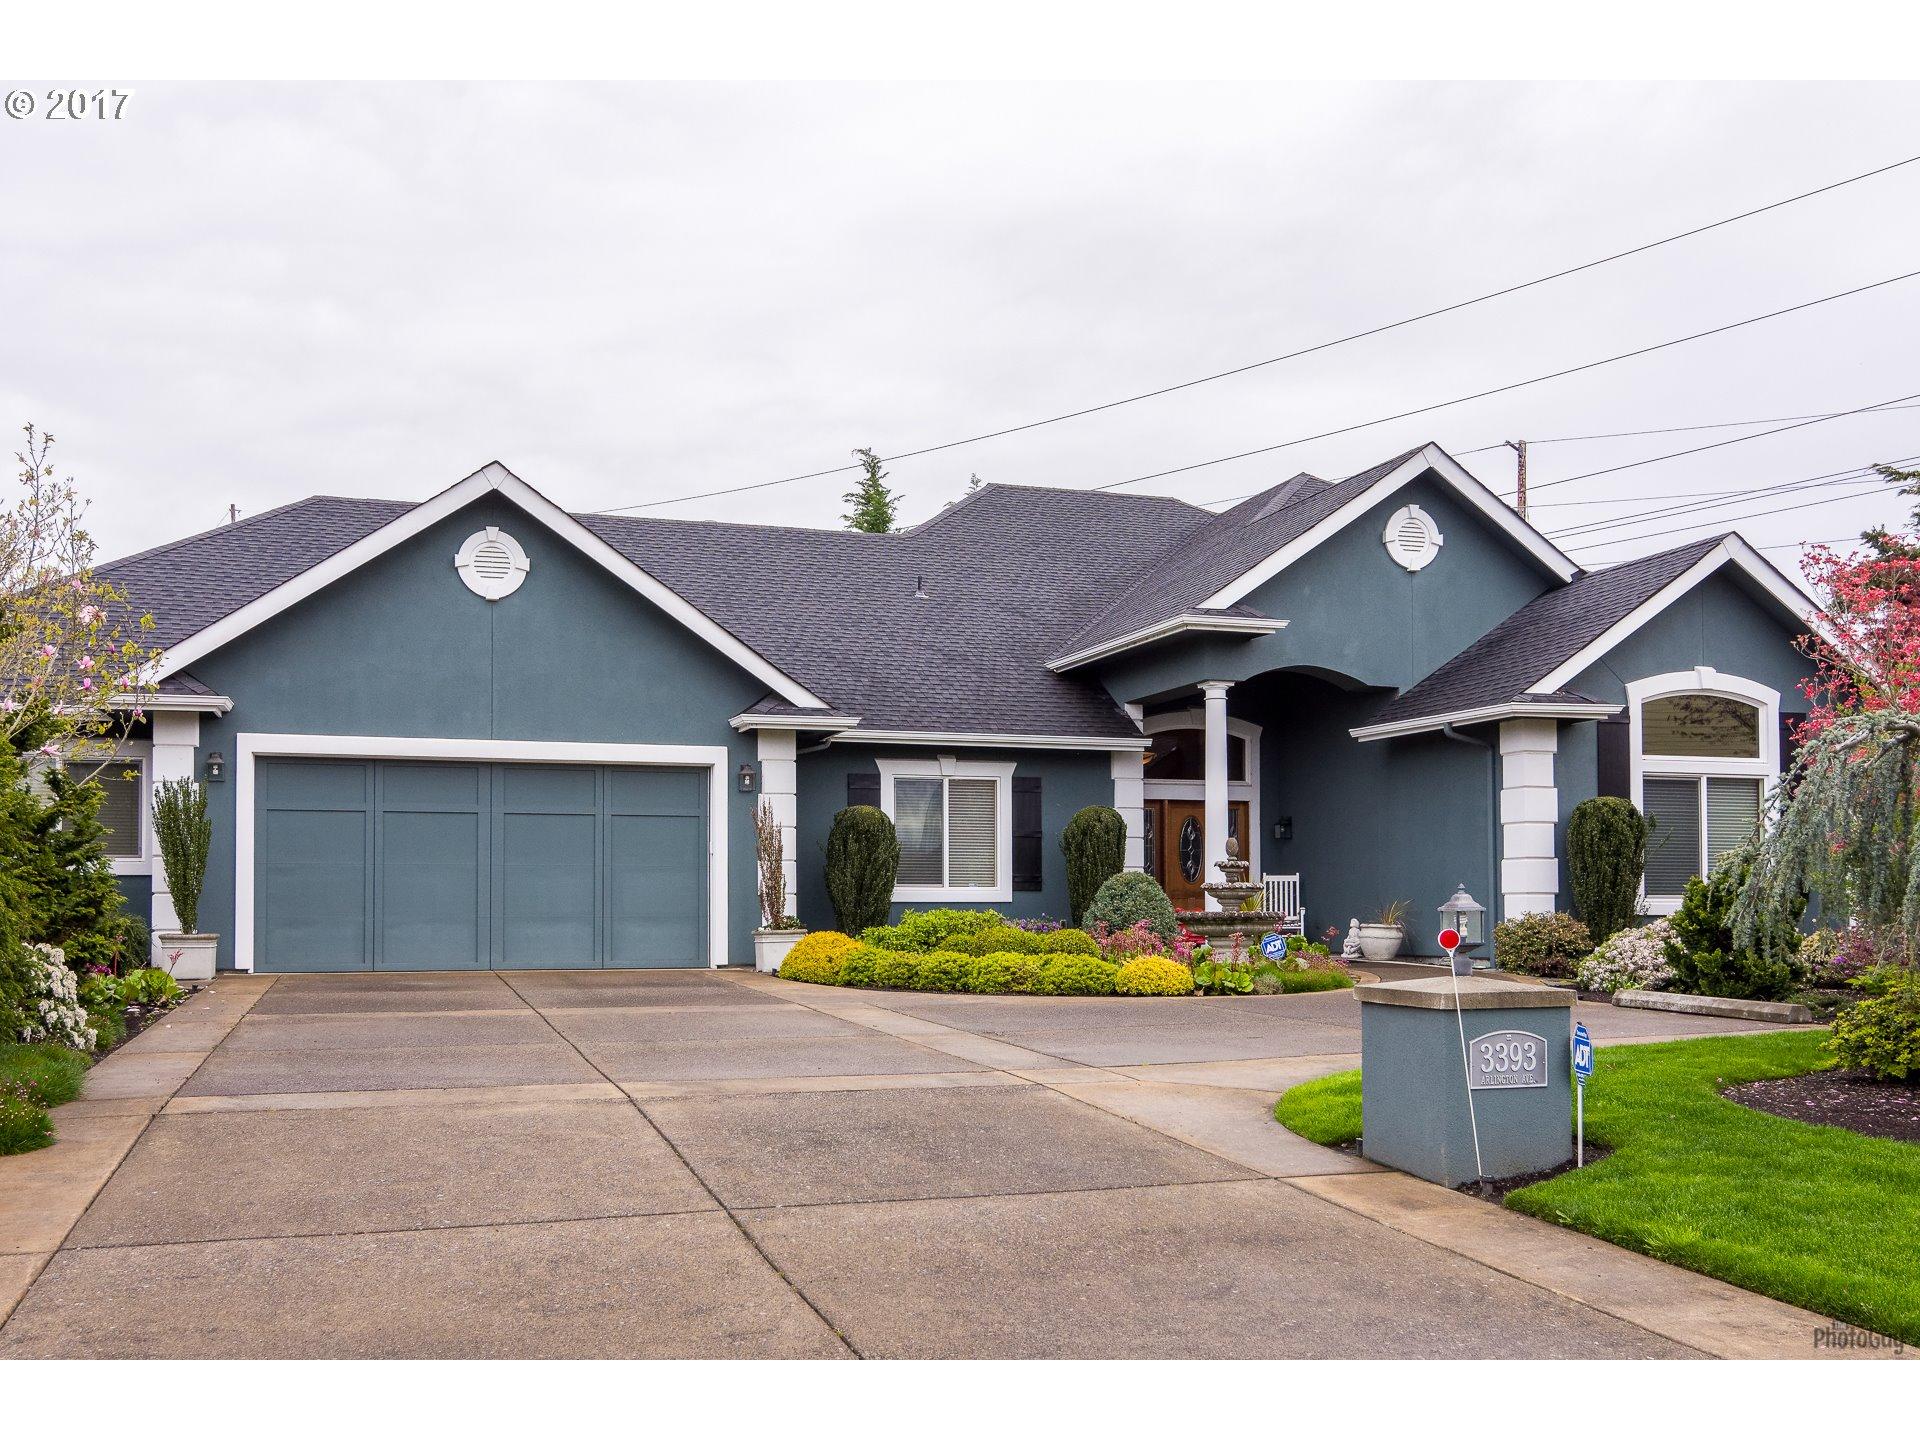 3393 ARLINGTON AVE, Eugene, OR 97408